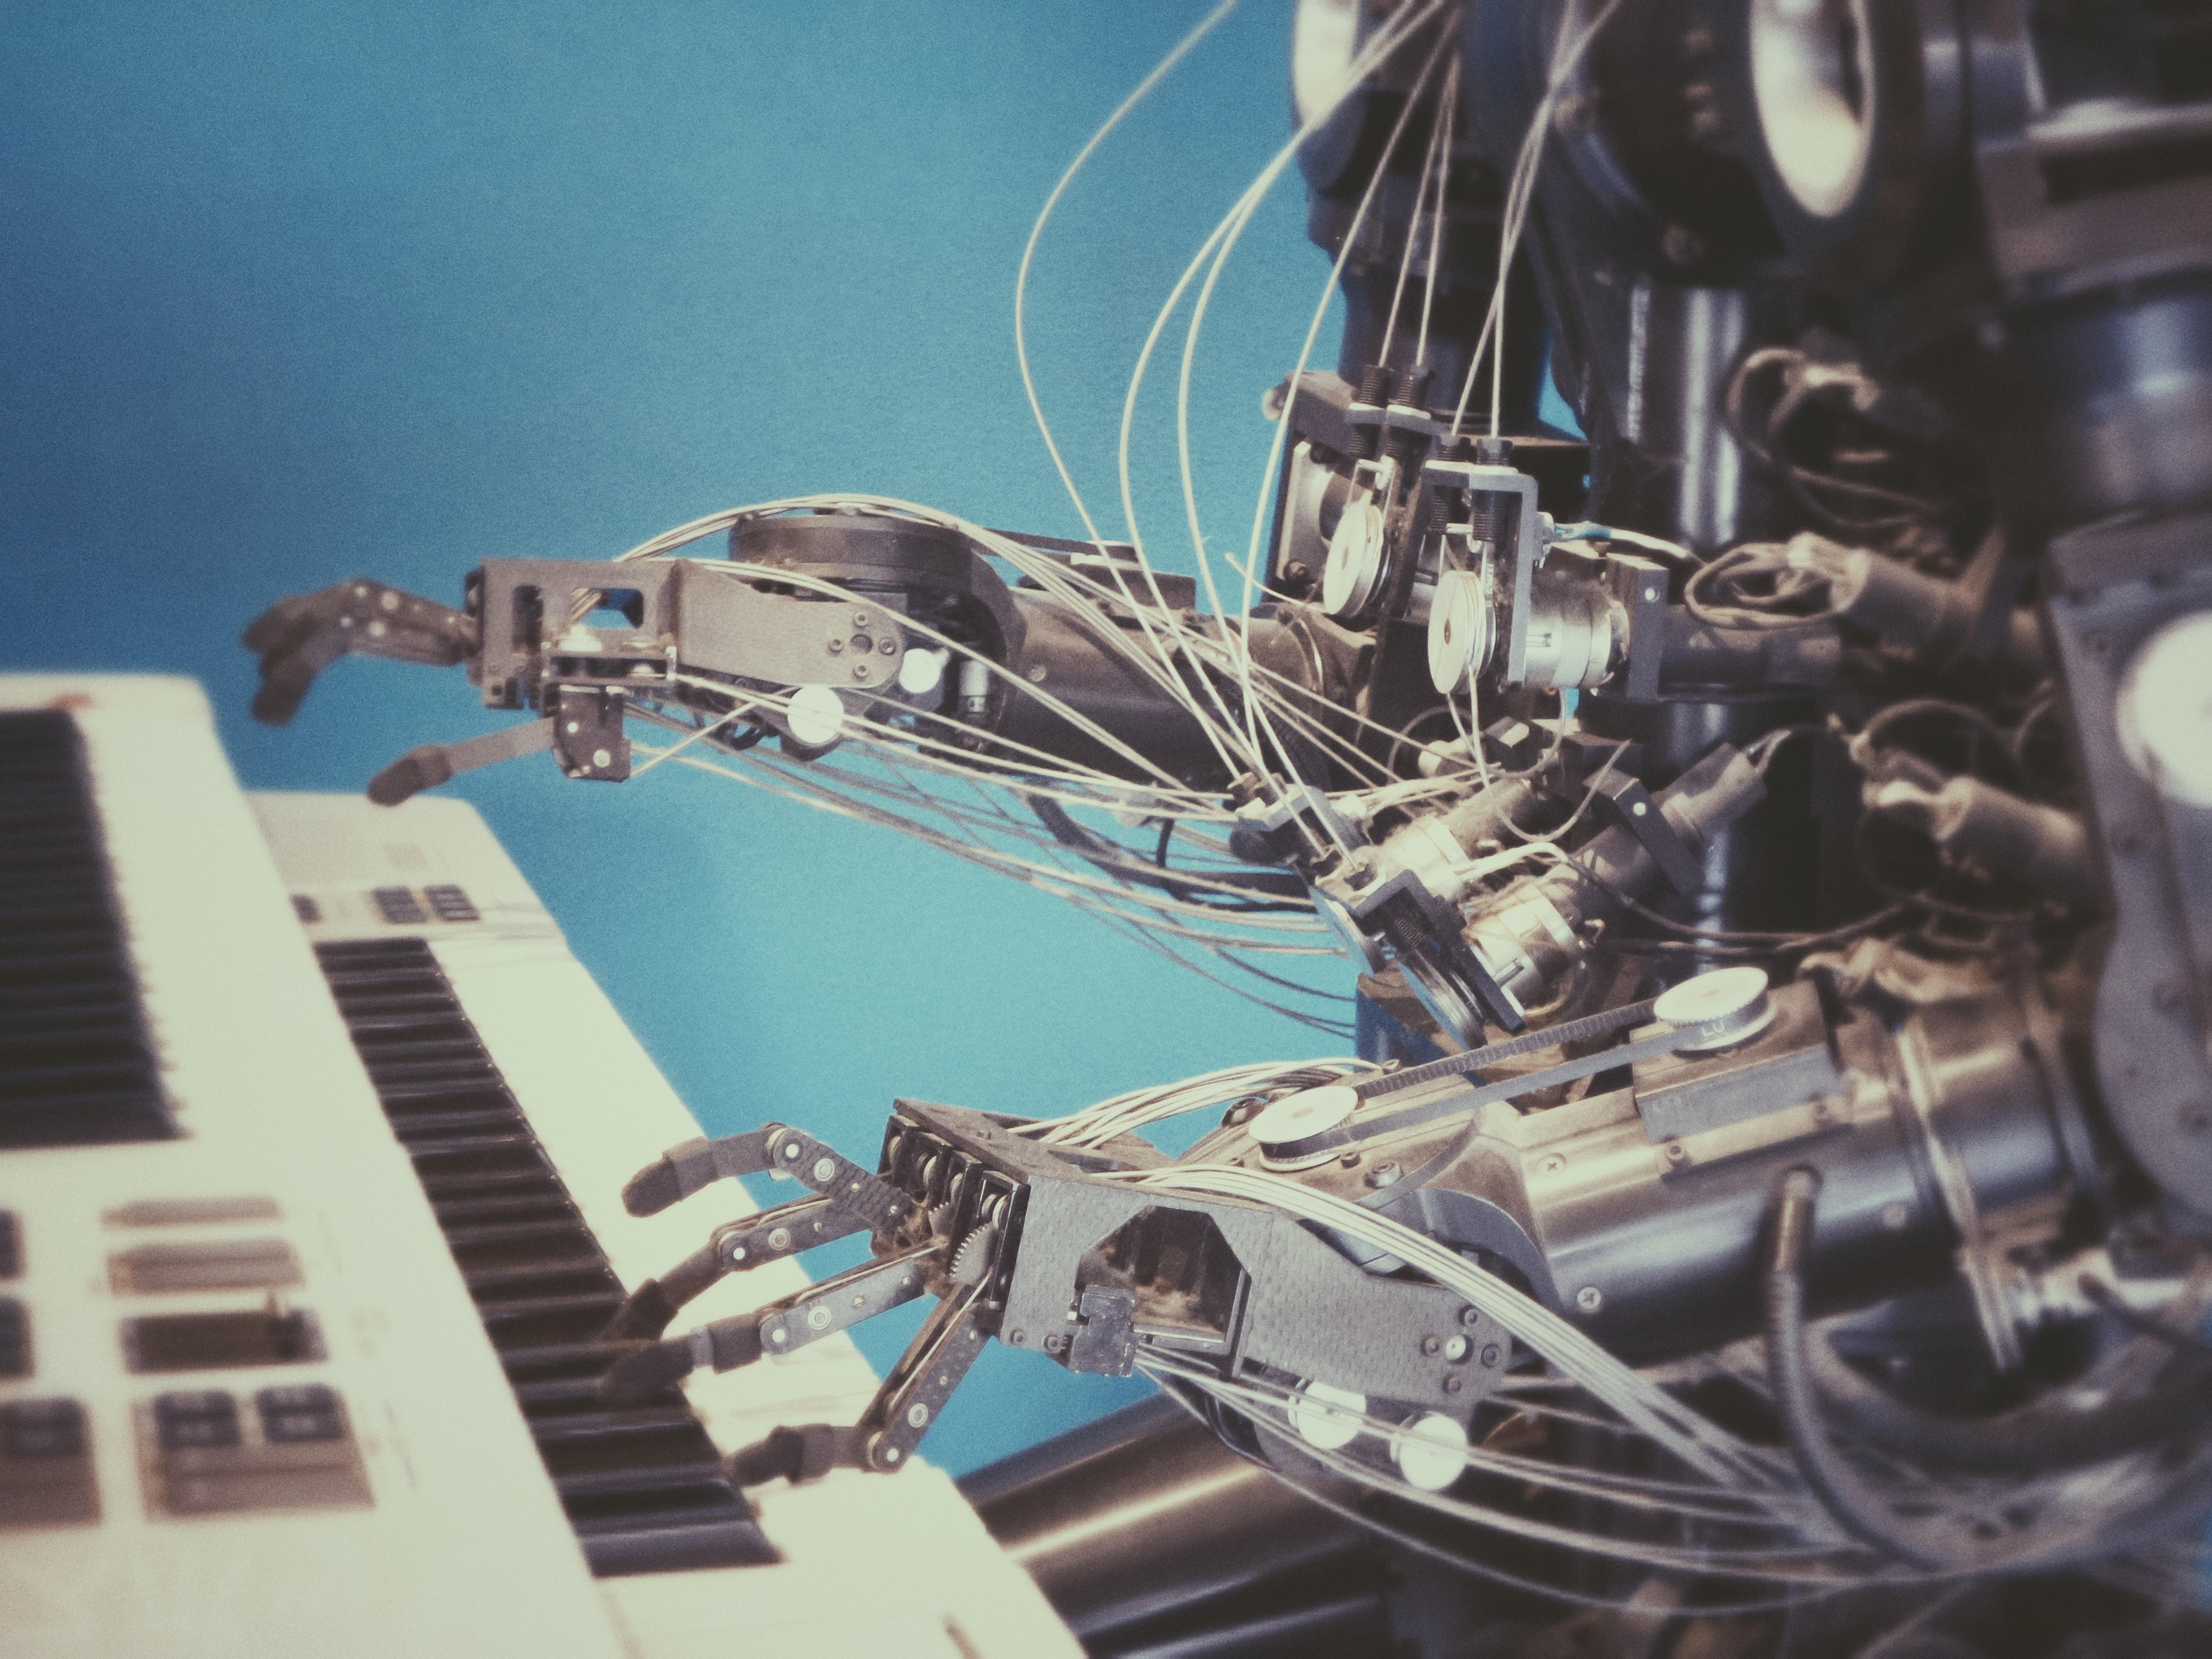 3 formas de transformar un chatbot sencillo en un asistente inteligente